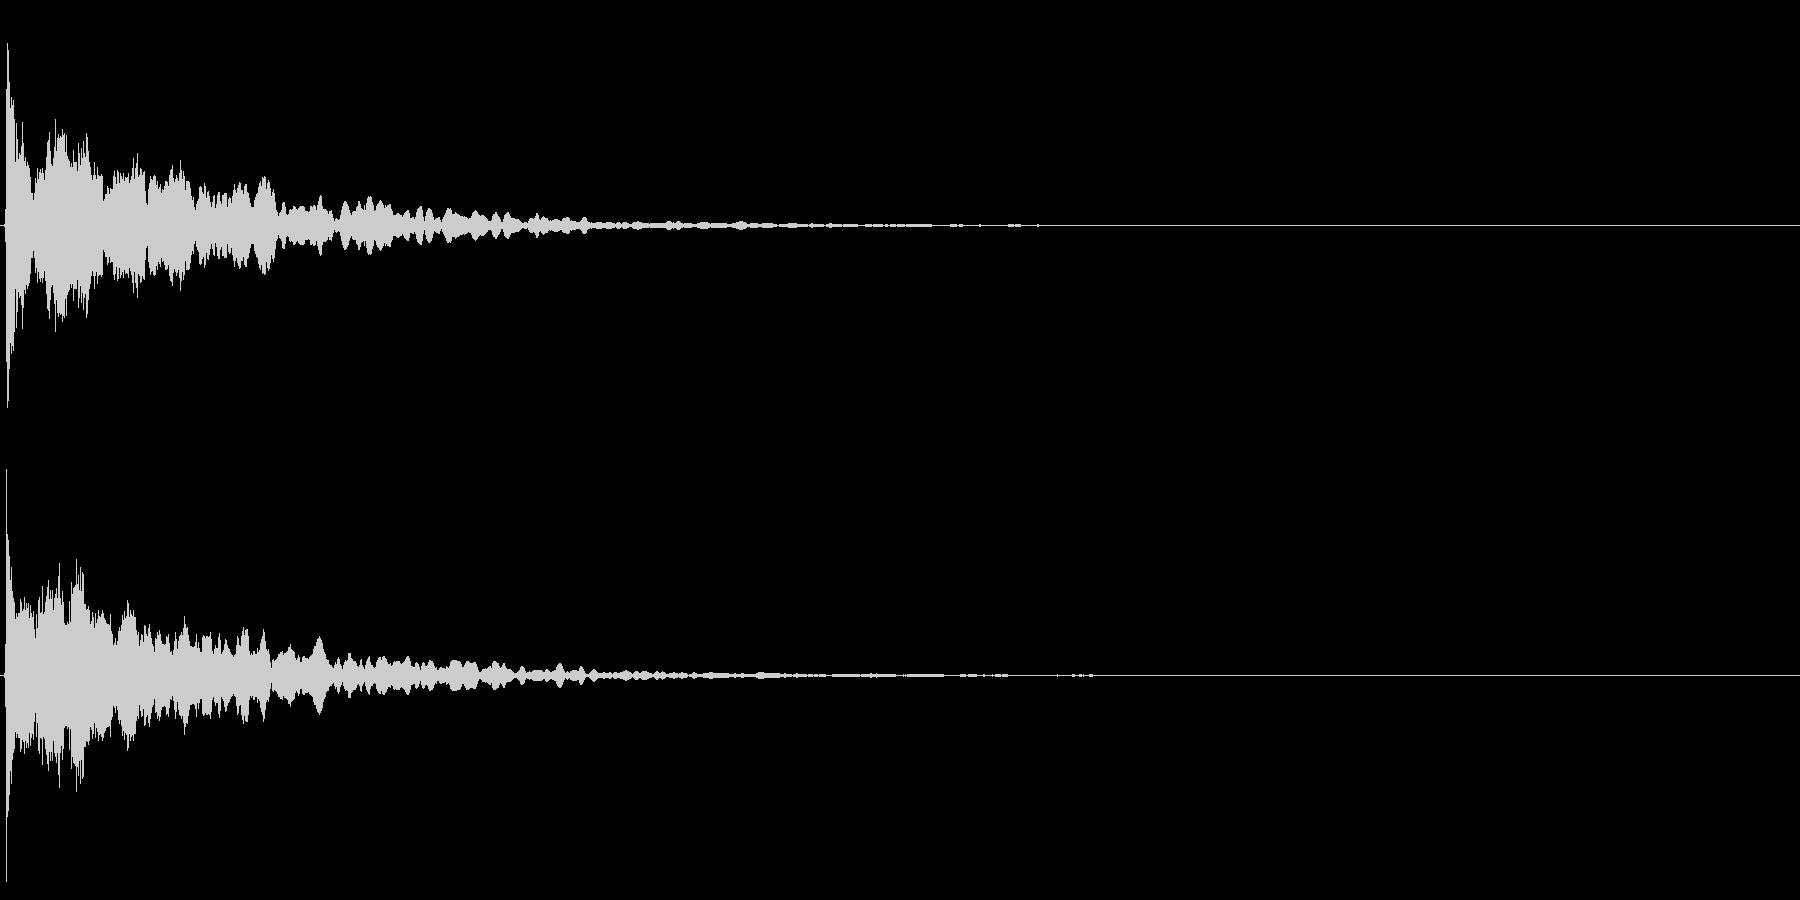 ゲームスタート、決定、ボタン音-005の未再生の波形